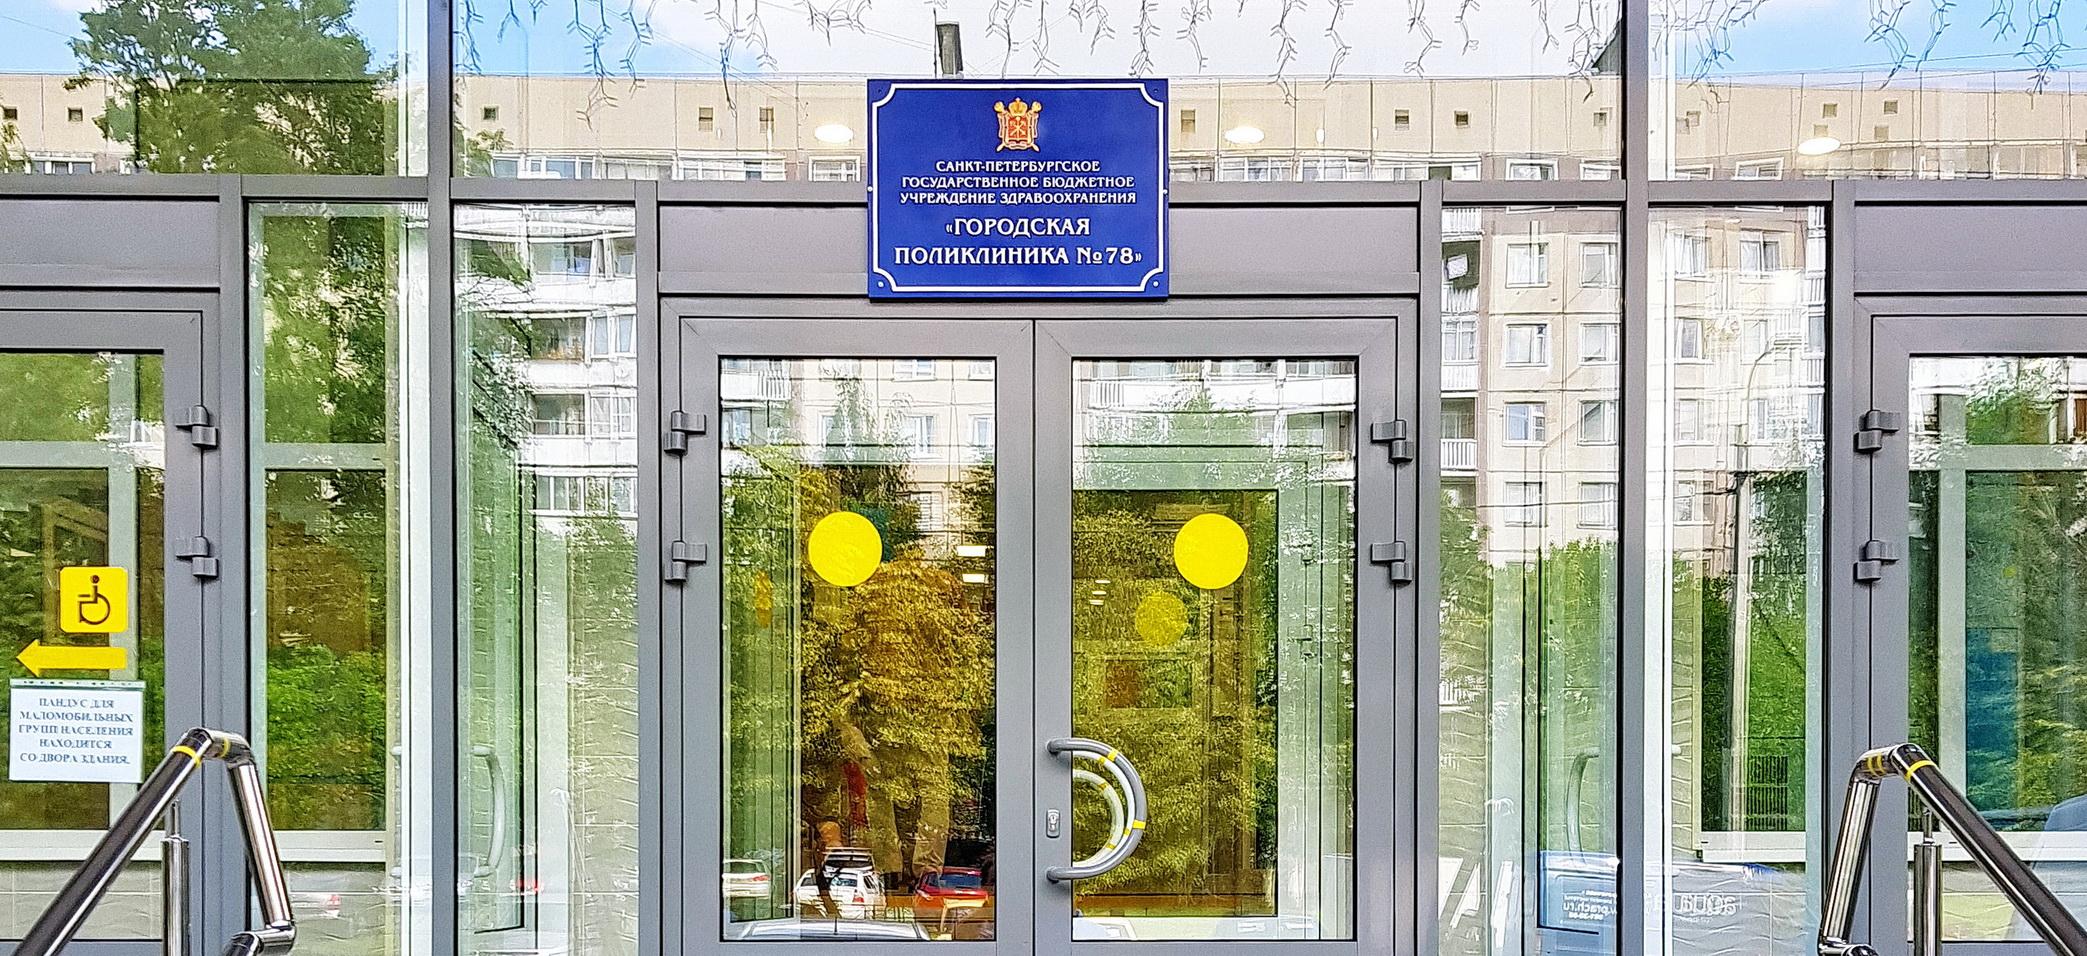 Можайск  Википедия